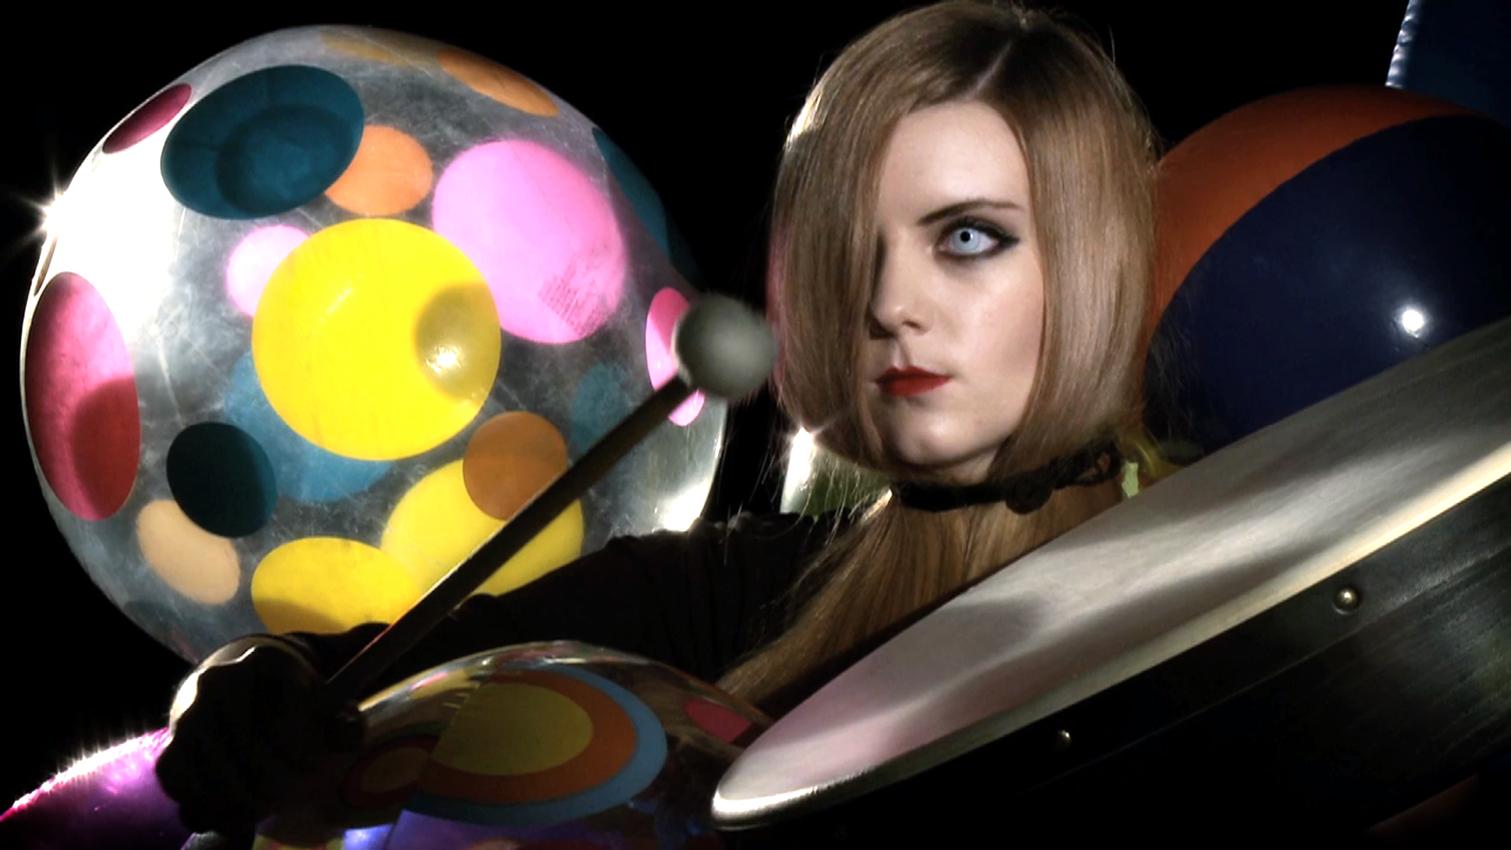 Xenon: the film (video still), 2012. Feat. Jade Pybus.